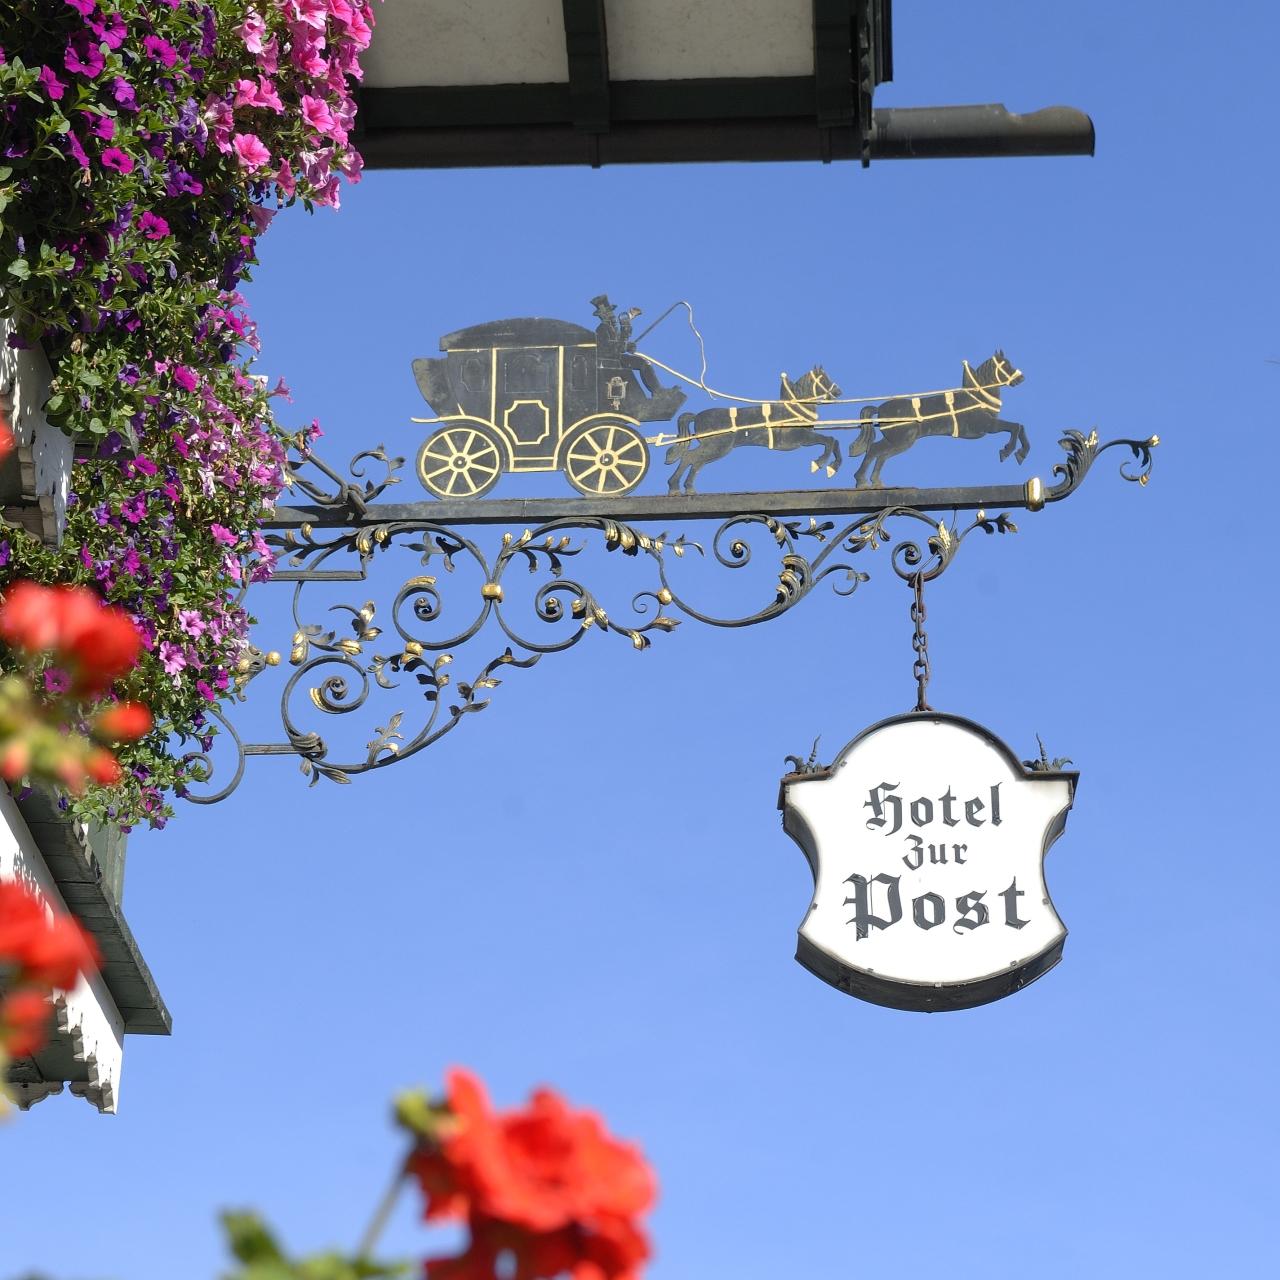 Hotel Zur Post Gasthof 3 Hrs Star Hotel In Bad Wiessee Bavaria